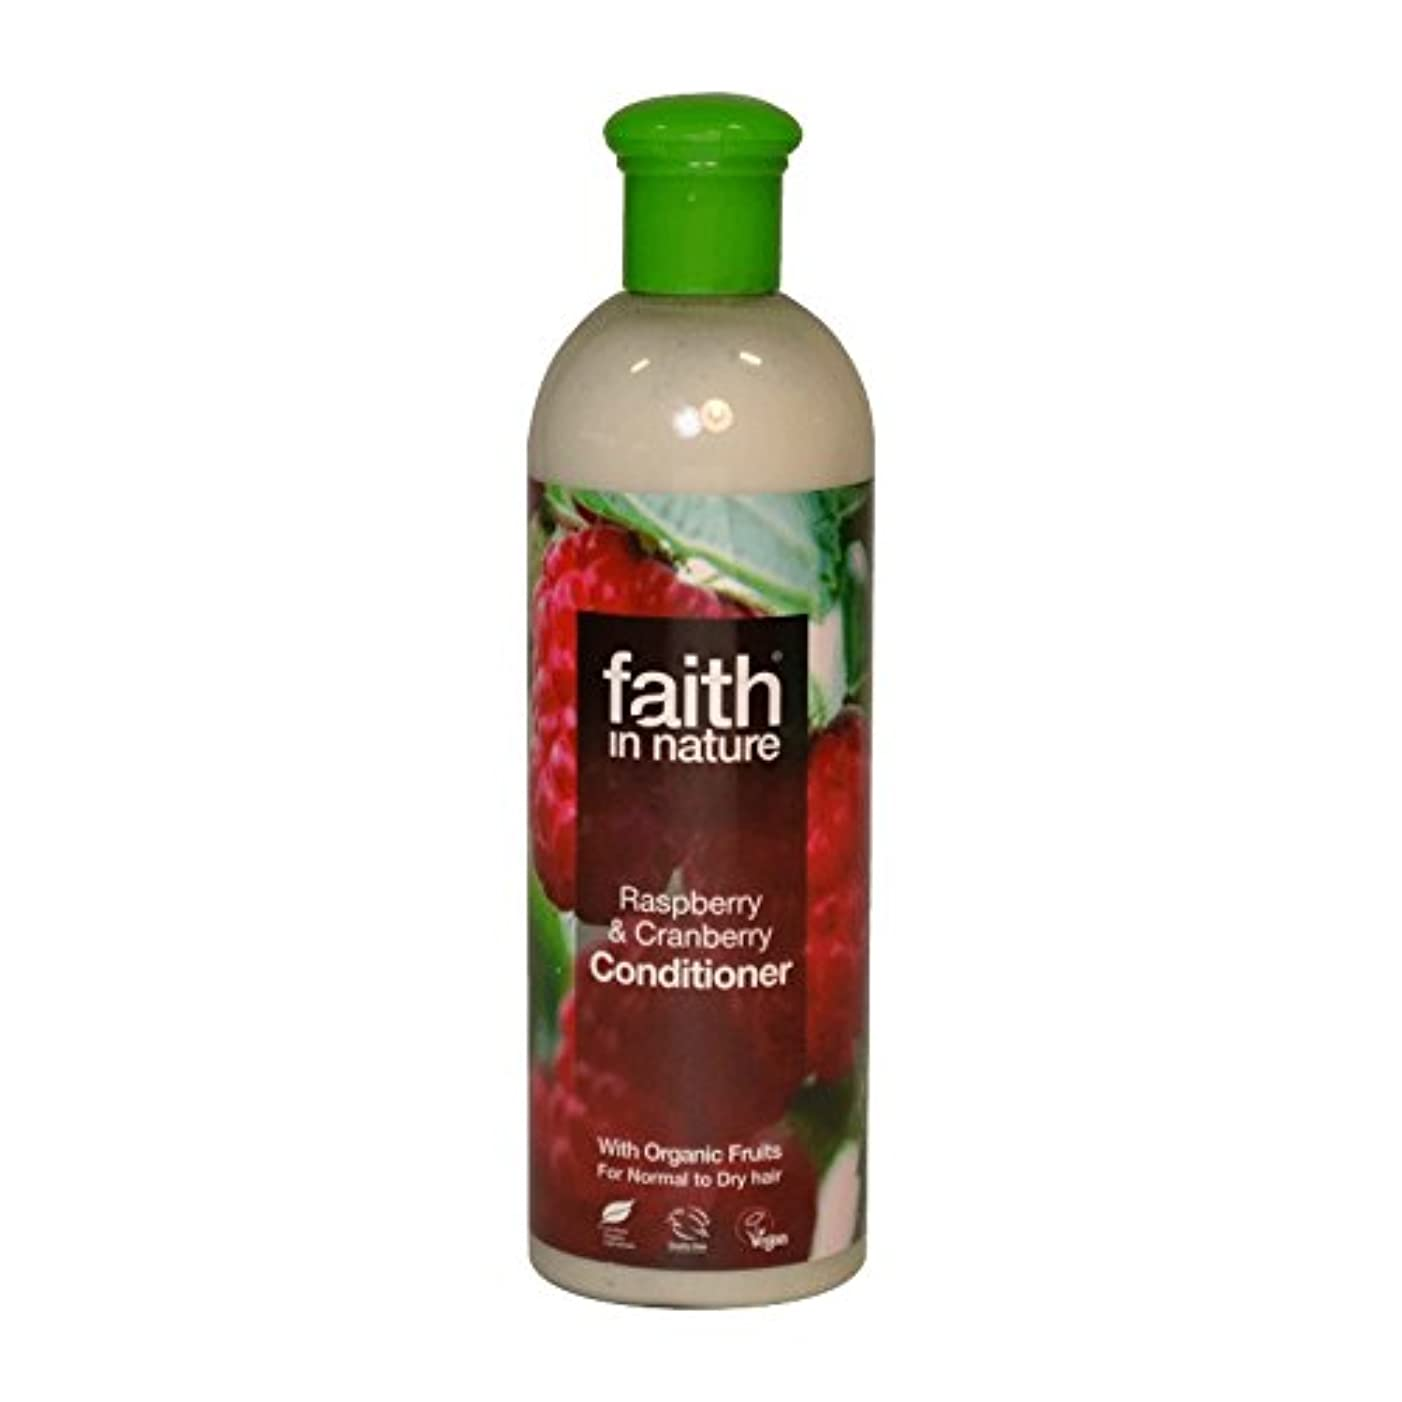 縮れたピア法律自然ラズベリー&クランベリーコンディショナー400ミリリットルの信仰 - Faith in Nature Raspberry & Cranberry Conditioner 400ml (Faith in Nature) [並行輸入品]